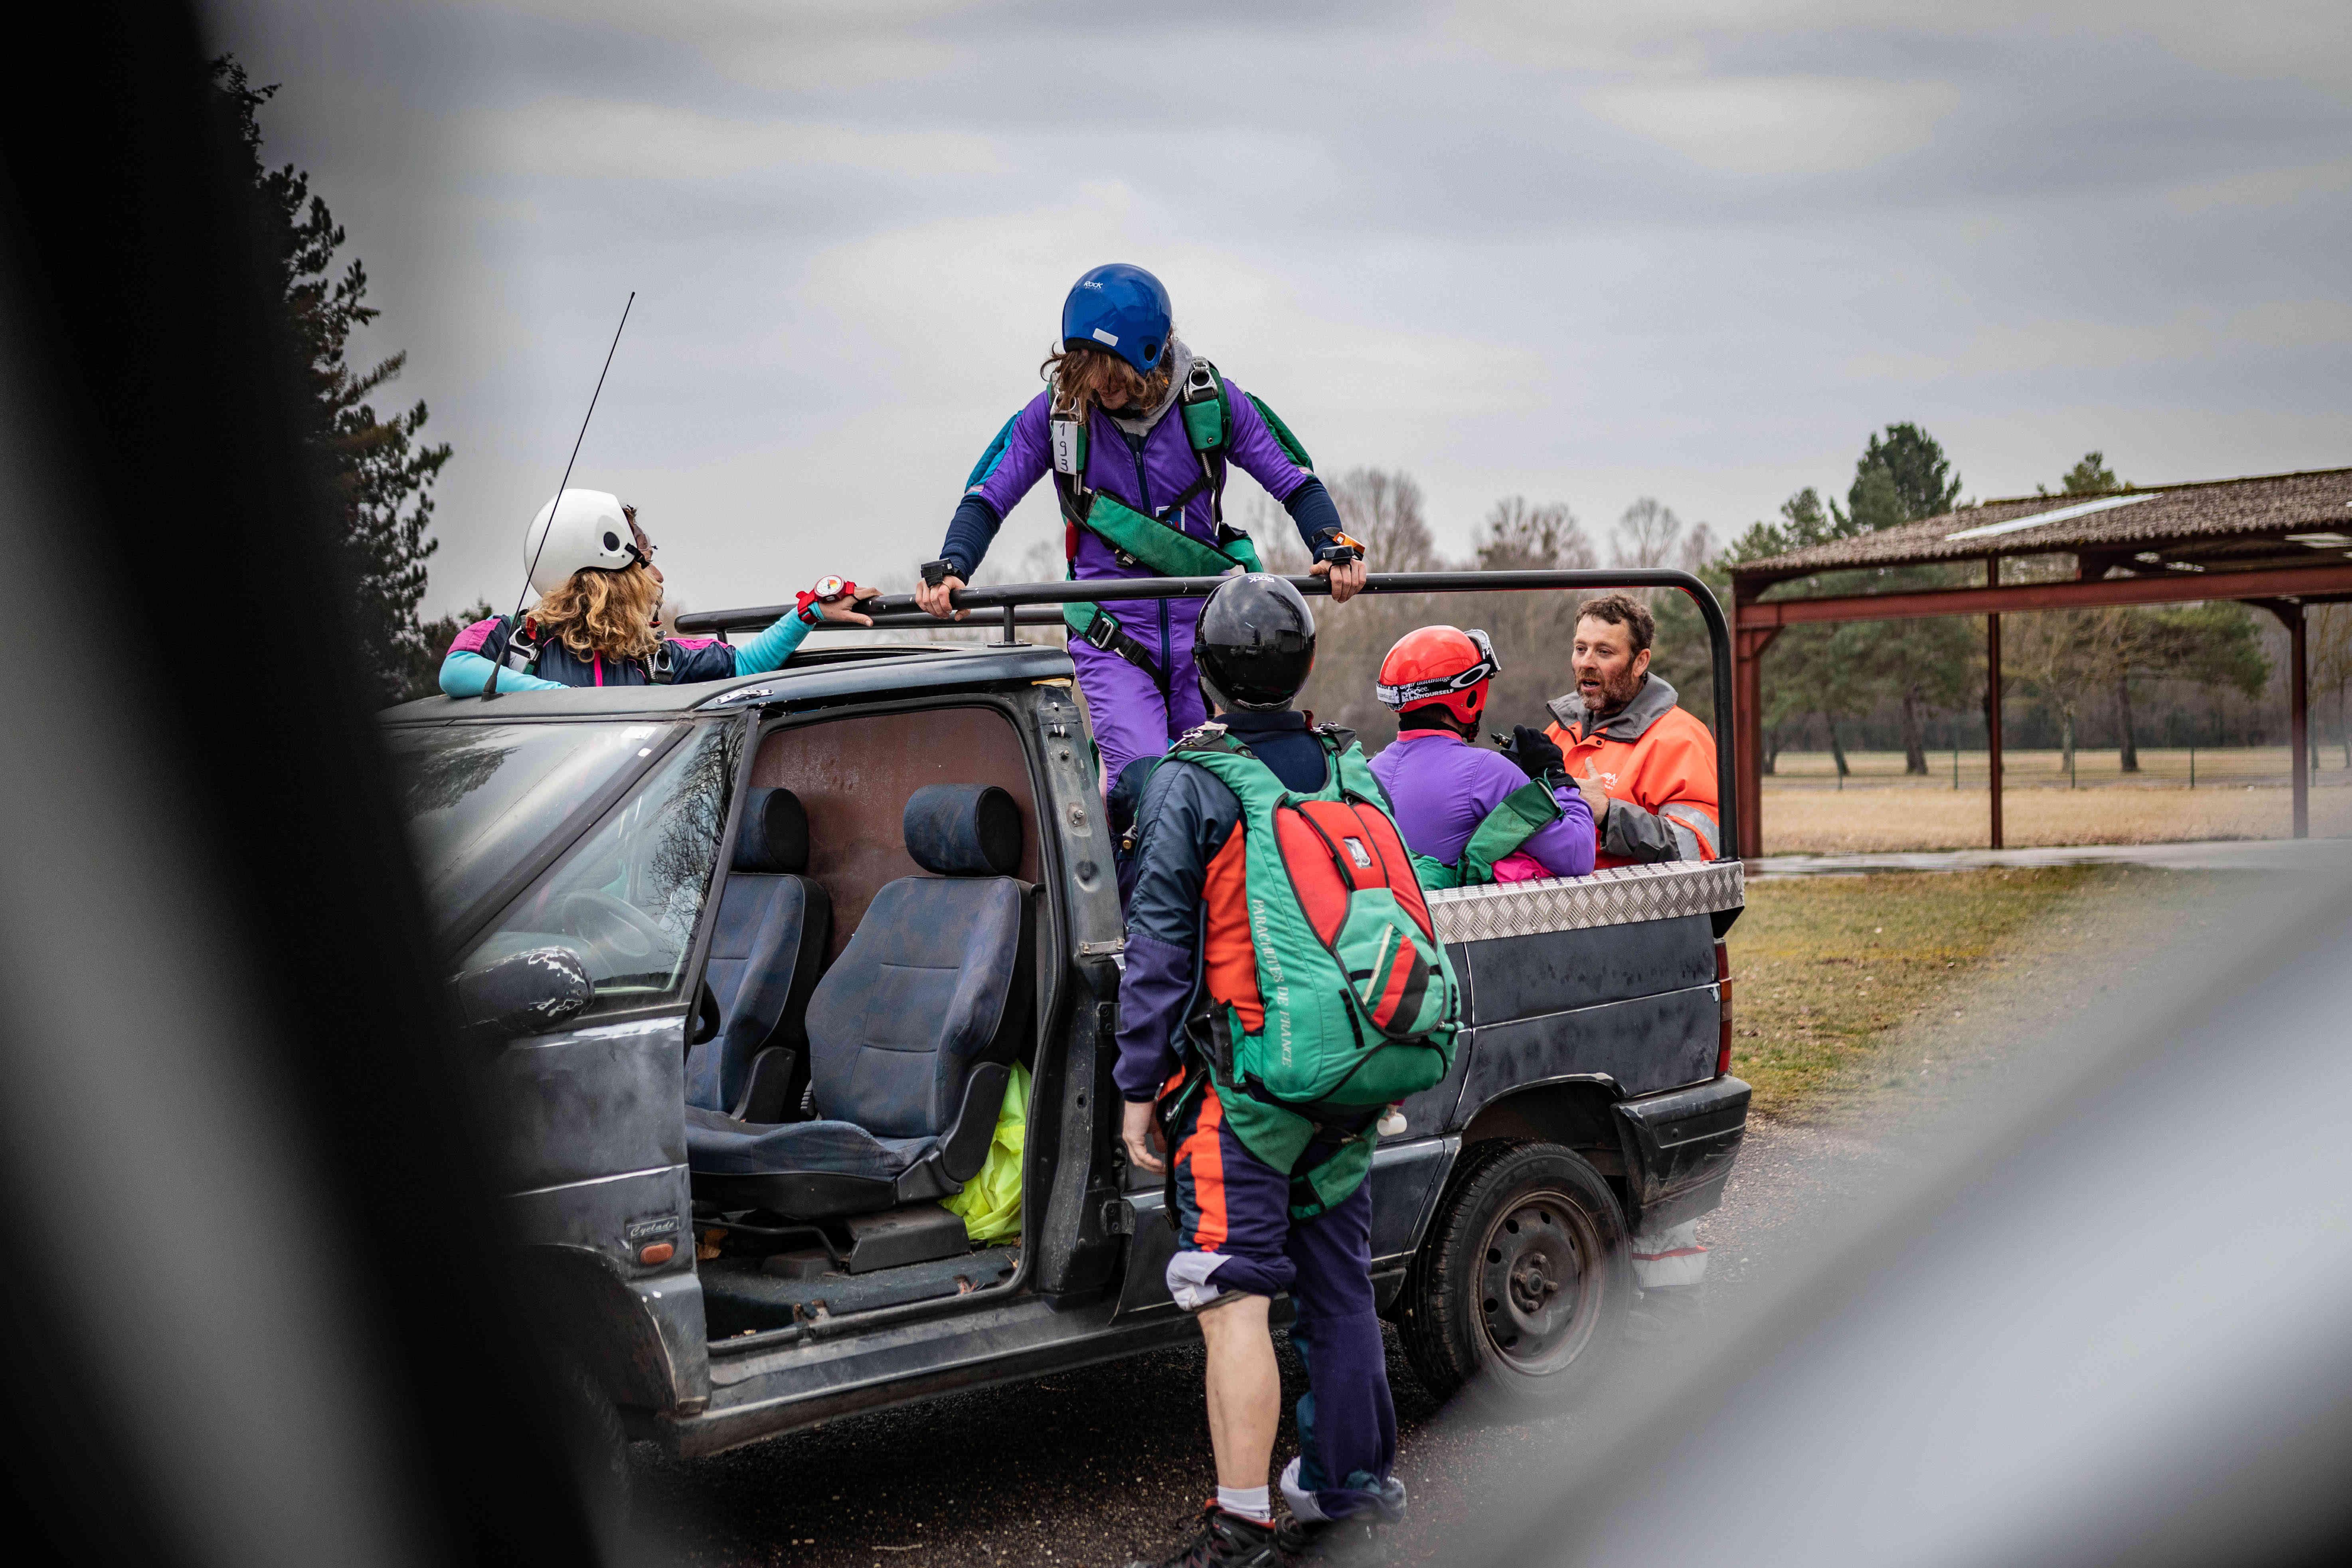 Renault de l'espace pour vous amener à l'embarquement pour réaliser votre saut en parachute à côté de Paris